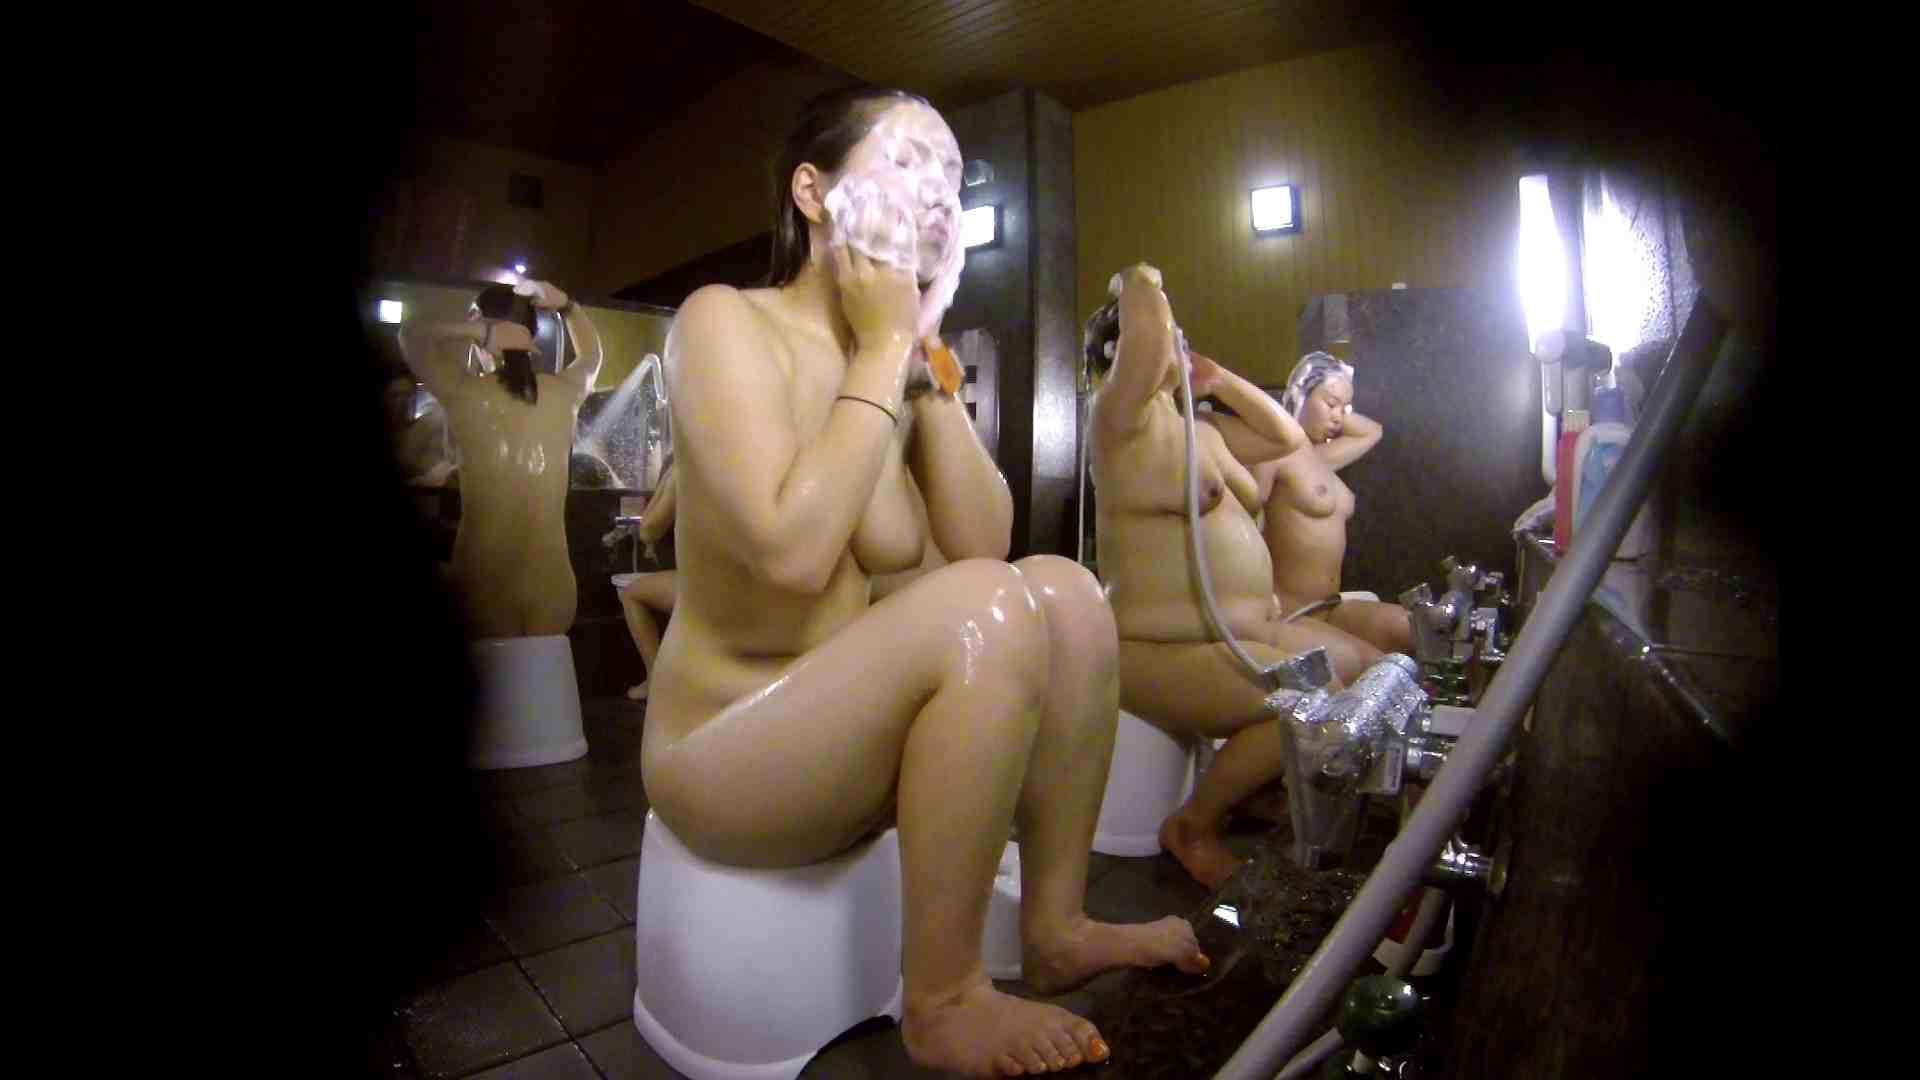 洗い場!色白でなかなかの美巨乳。柔らかく揺れまくりです 爆乳 SEX無修正画像 94枚 79